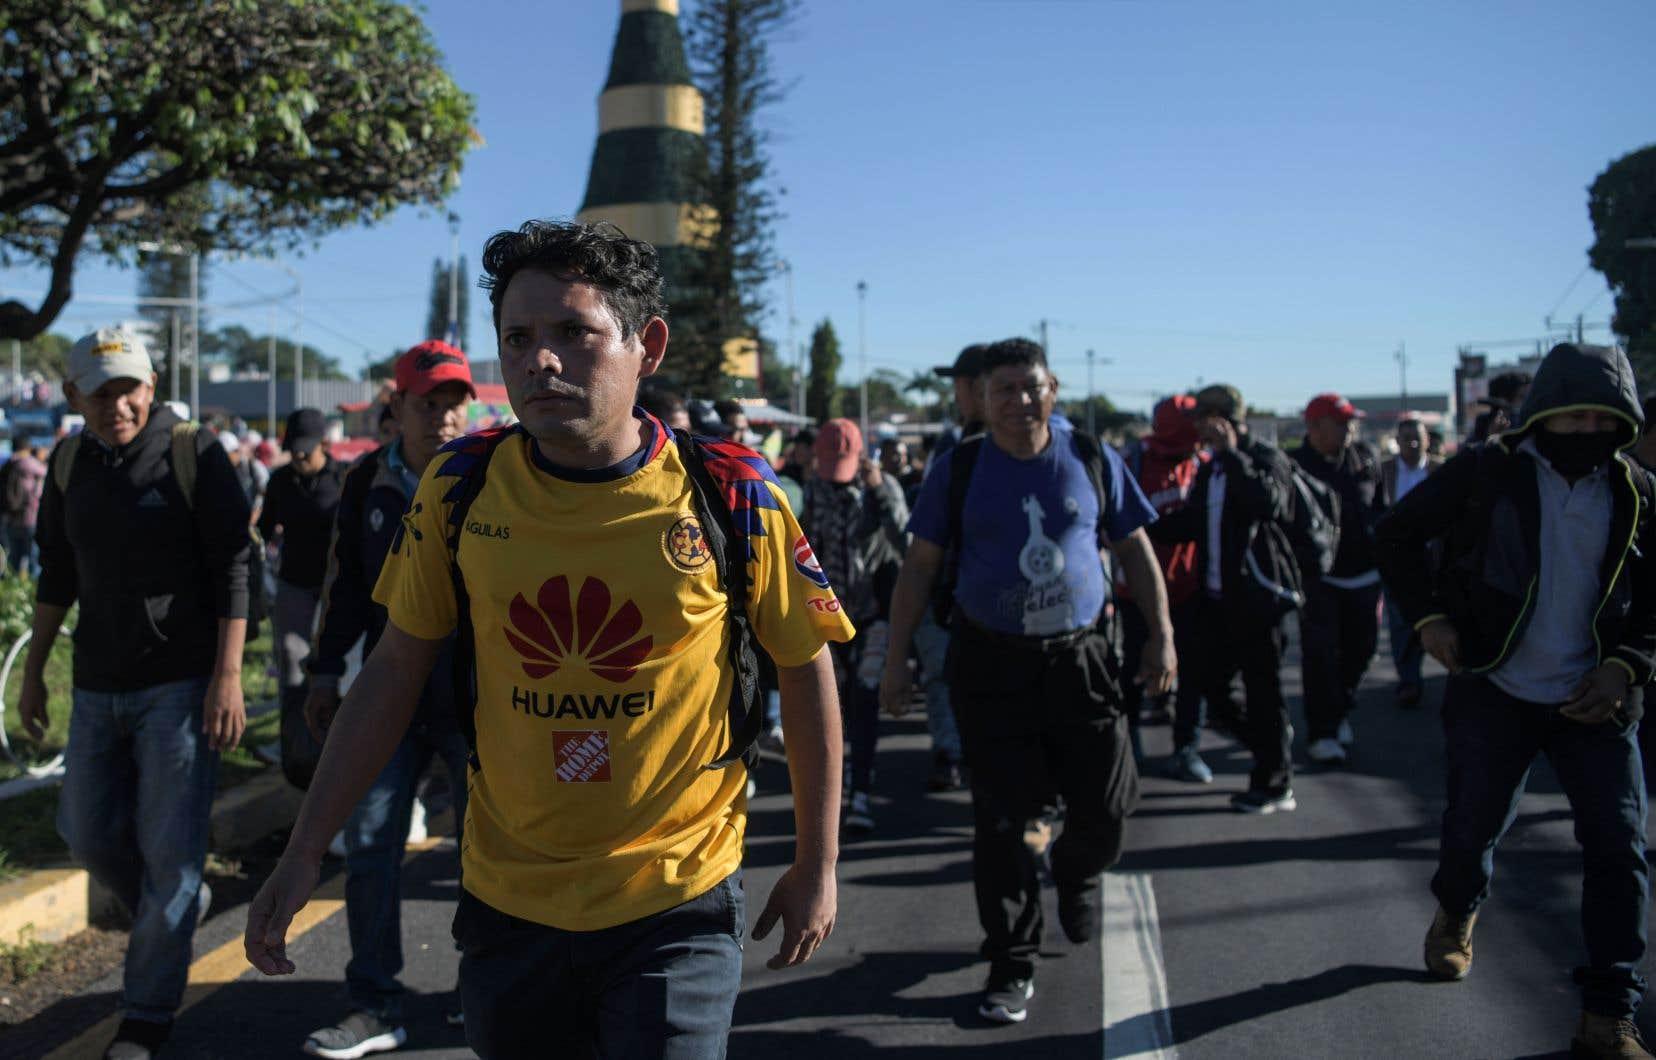 Des migrants se sont rassemblés sur une place dans l'ouest de la capitale San Salvador (sur cette photo), puis sont montés à bord de trois cars pour se rendre à 66km de là, dans la ville de Sonsonate.